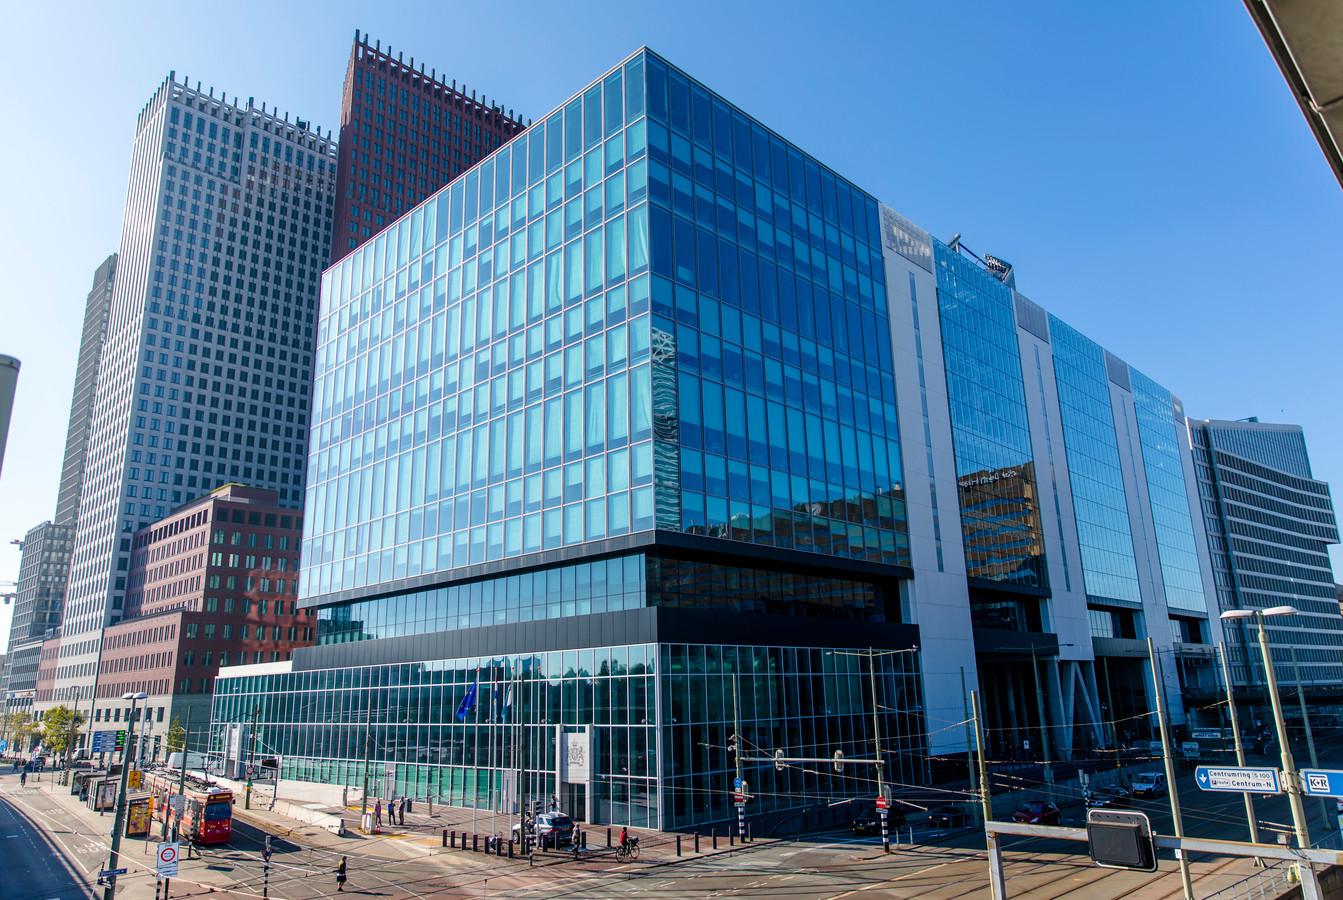 Exterieur van het gebouw aan de Rijnstraat waar de ministeries van Buitenlandse Zaken en Infrastructuur en Waterstaat in huizen. Meerdere glasplaten vertoonden opeens breuken. Alle ruiten worden nu verpakt met veiligheidsfolie.